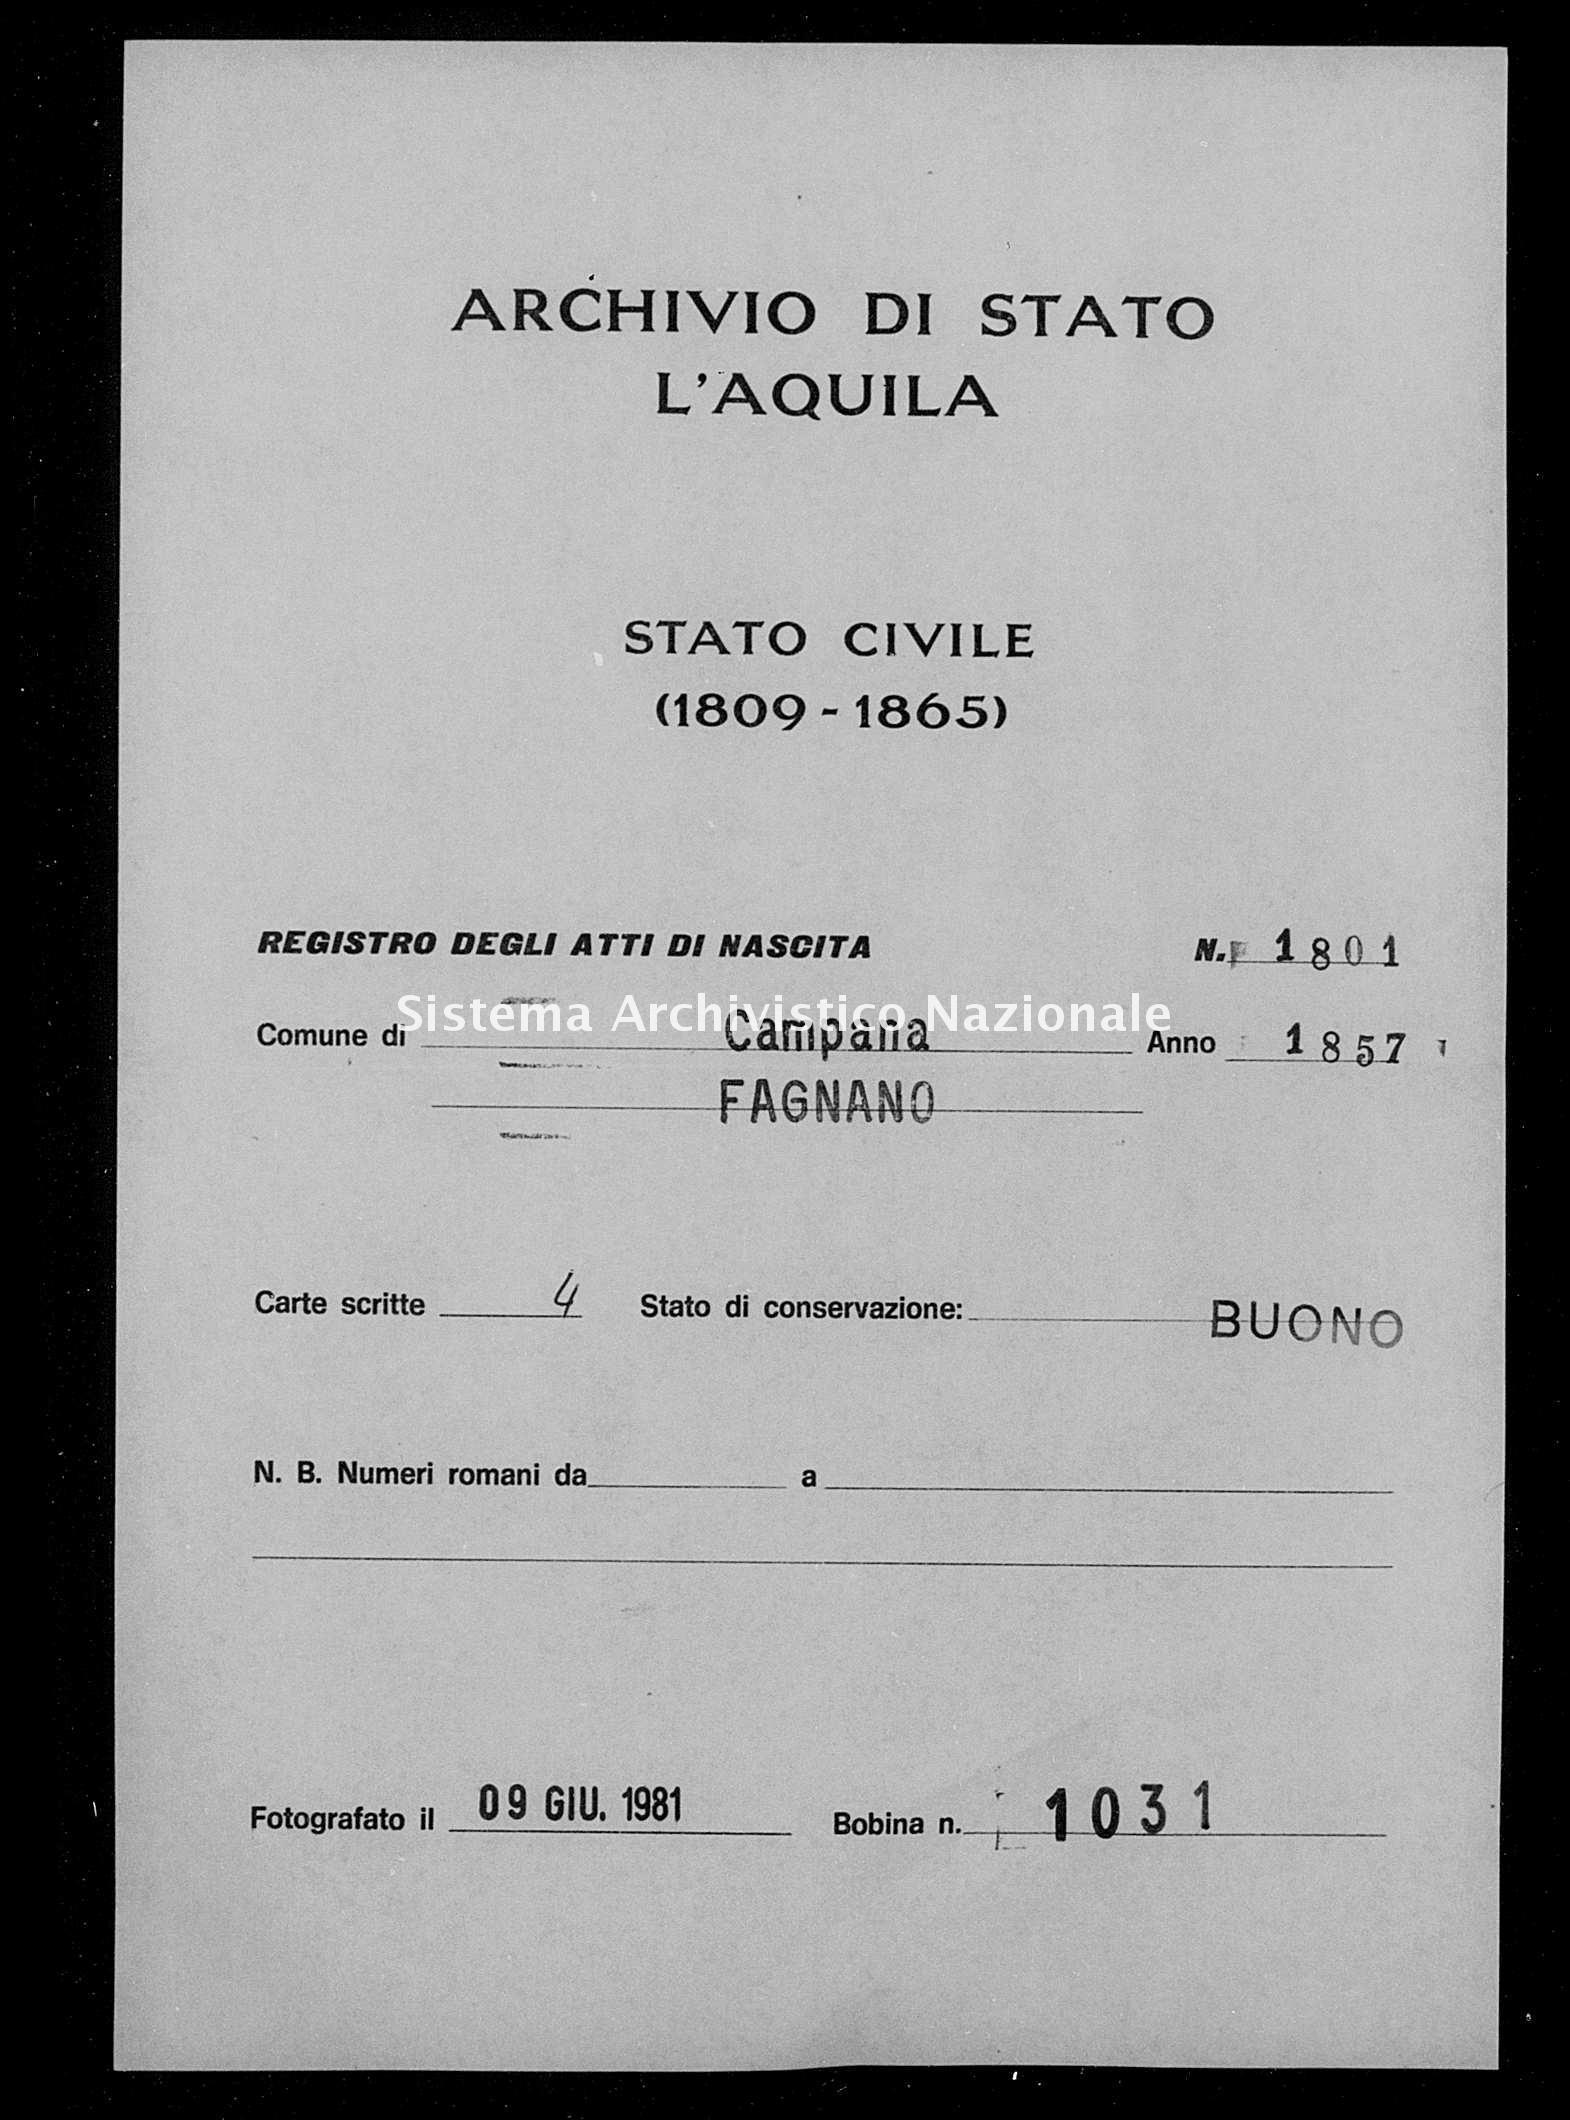 Archivio di stato di L'aquila - Stato civile della restaurazione - Campana - Nati - 1857 - 1801 -